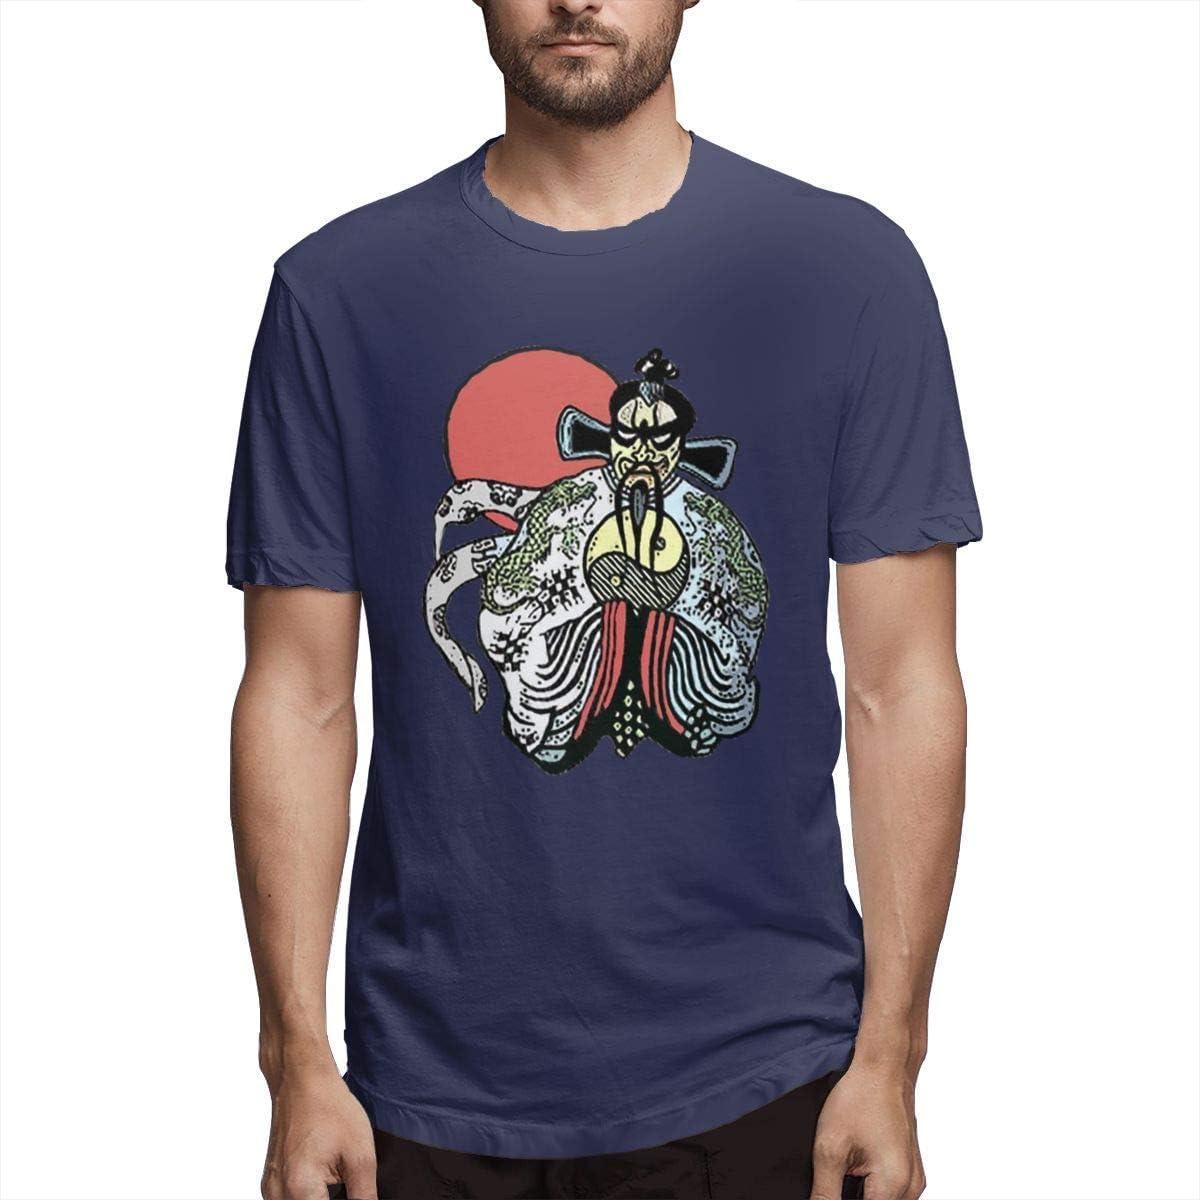 Camisa Vintage Retro Big-Trouble-in-Little-China-Jack-Burton-Cowboy-Chapeau: Amazon.es: Ropa y accesorios